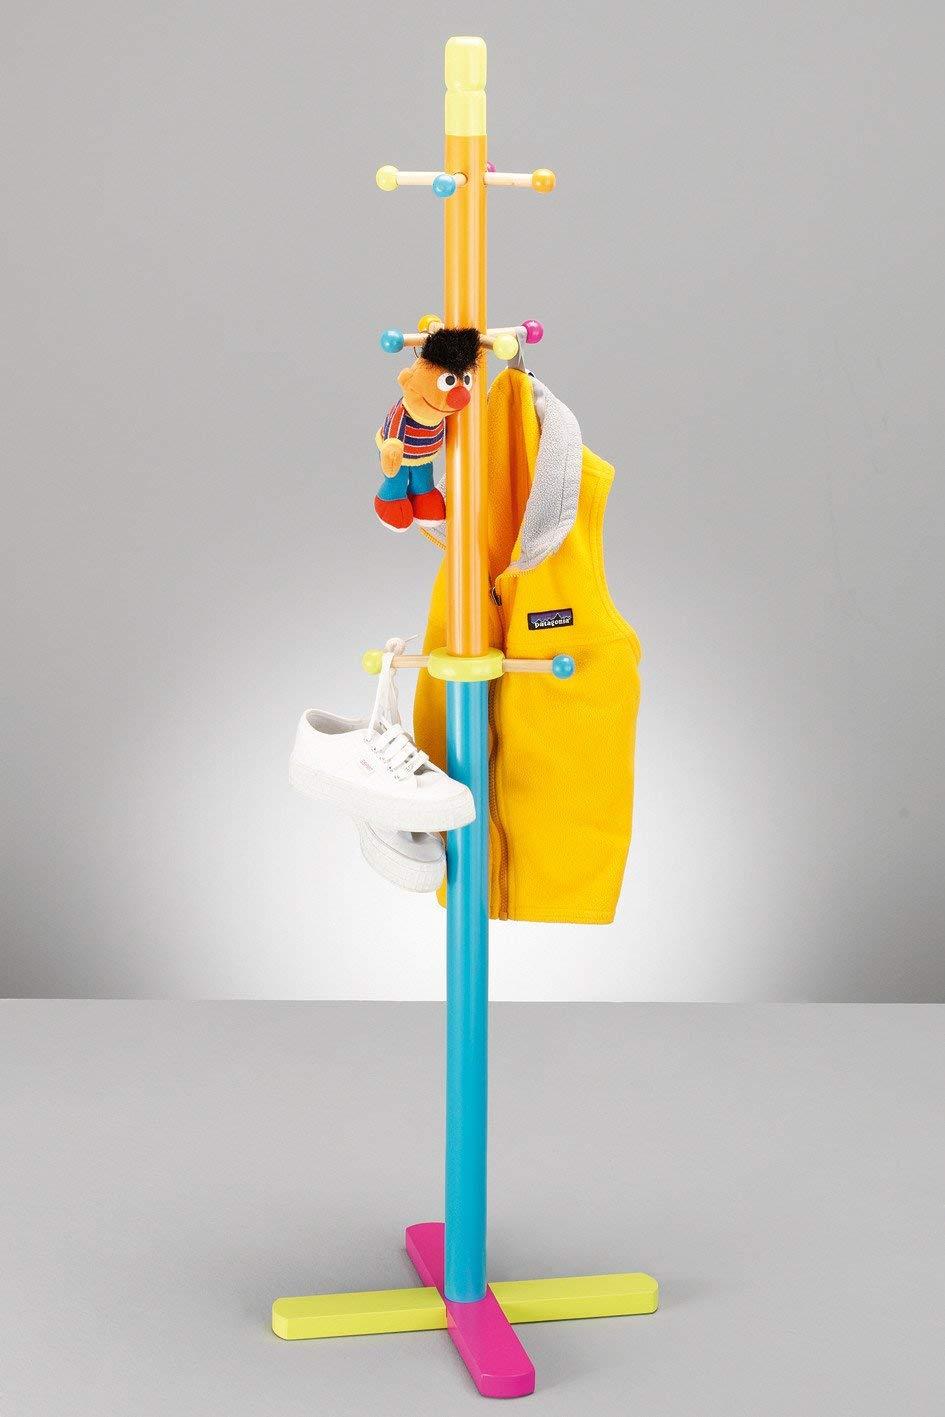 MDF 38 x 38 x 124 Zeller 13462 Kinder-Kleiderst/änder Color